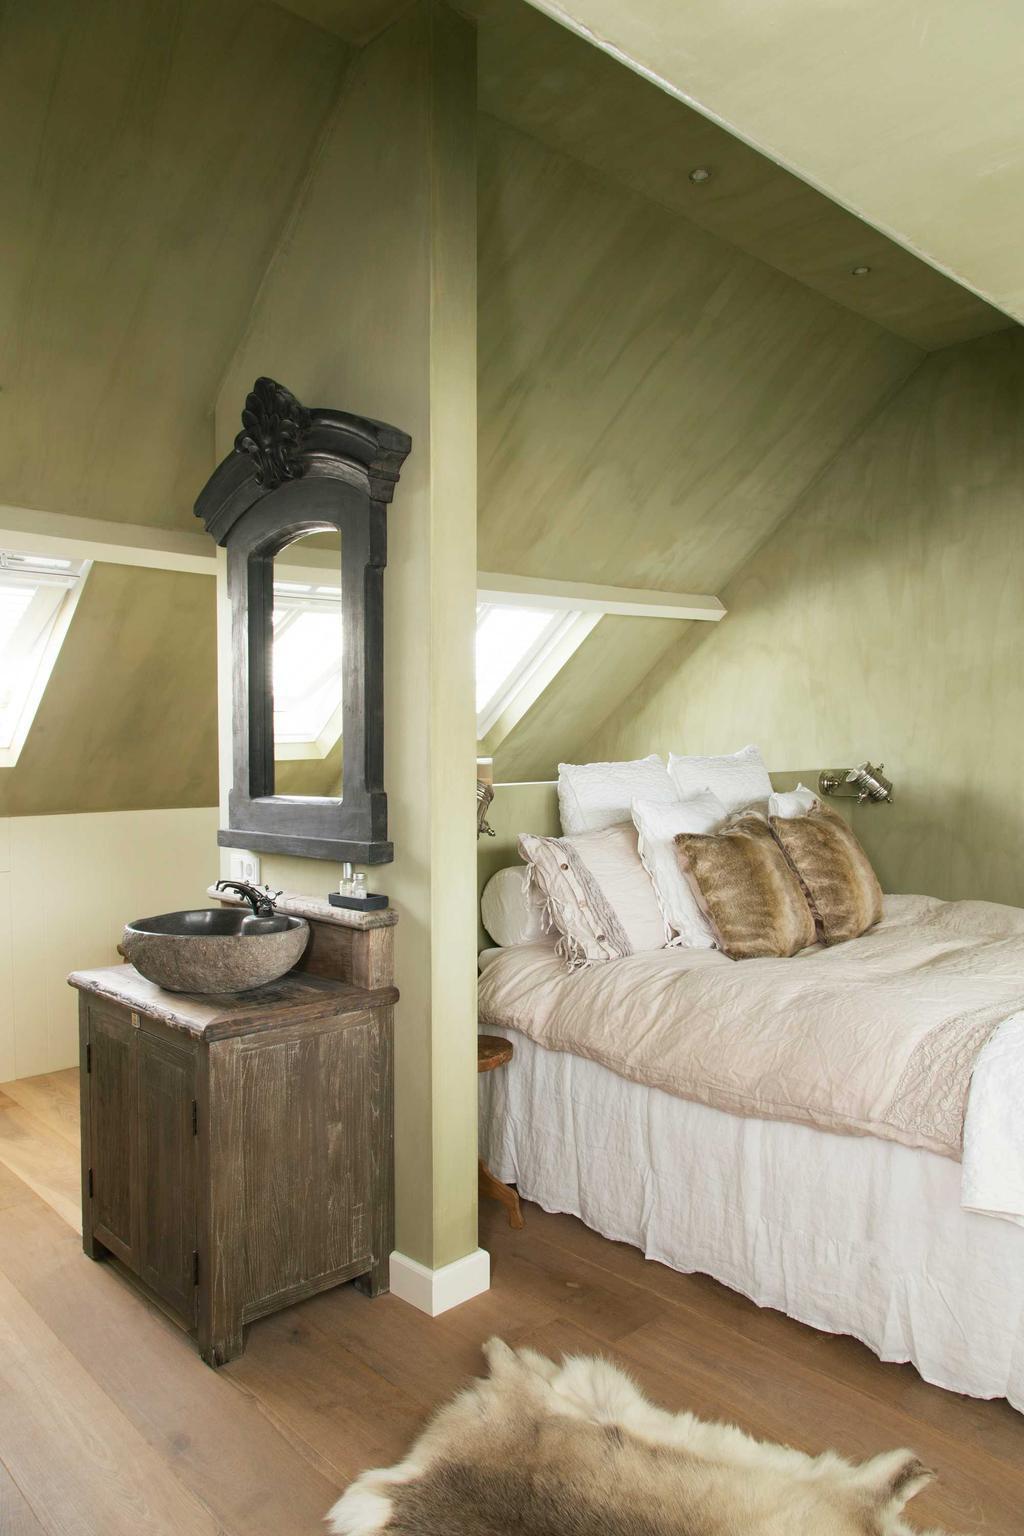 slaapkamer zolder wastafel rijhuis